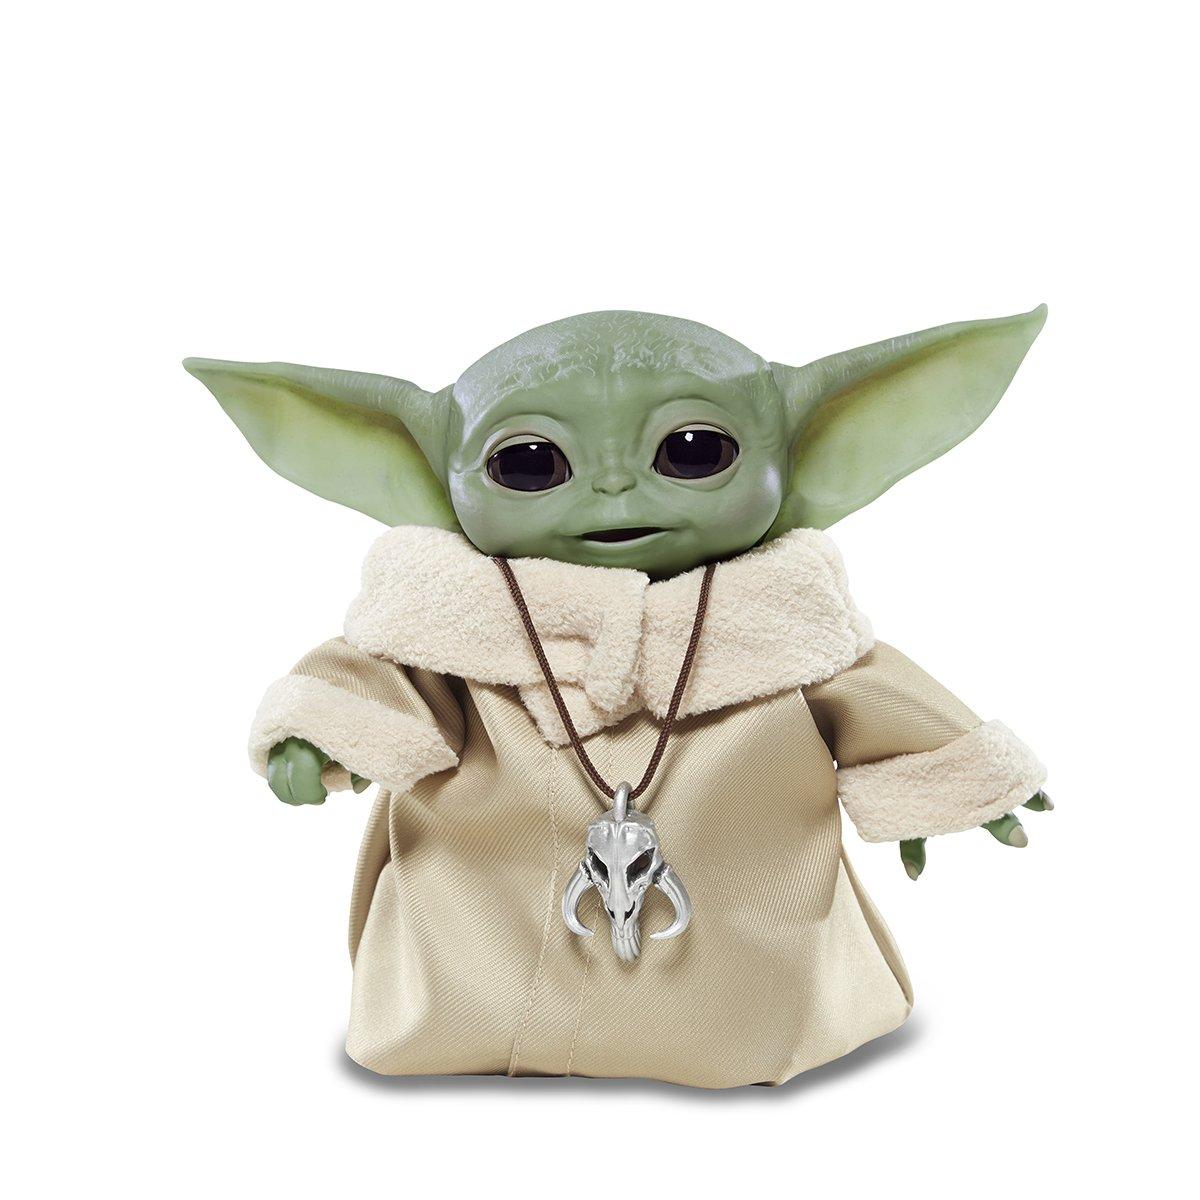 Figurina interactiva cu sunete Star Wars Baby Yoda, 16 cm